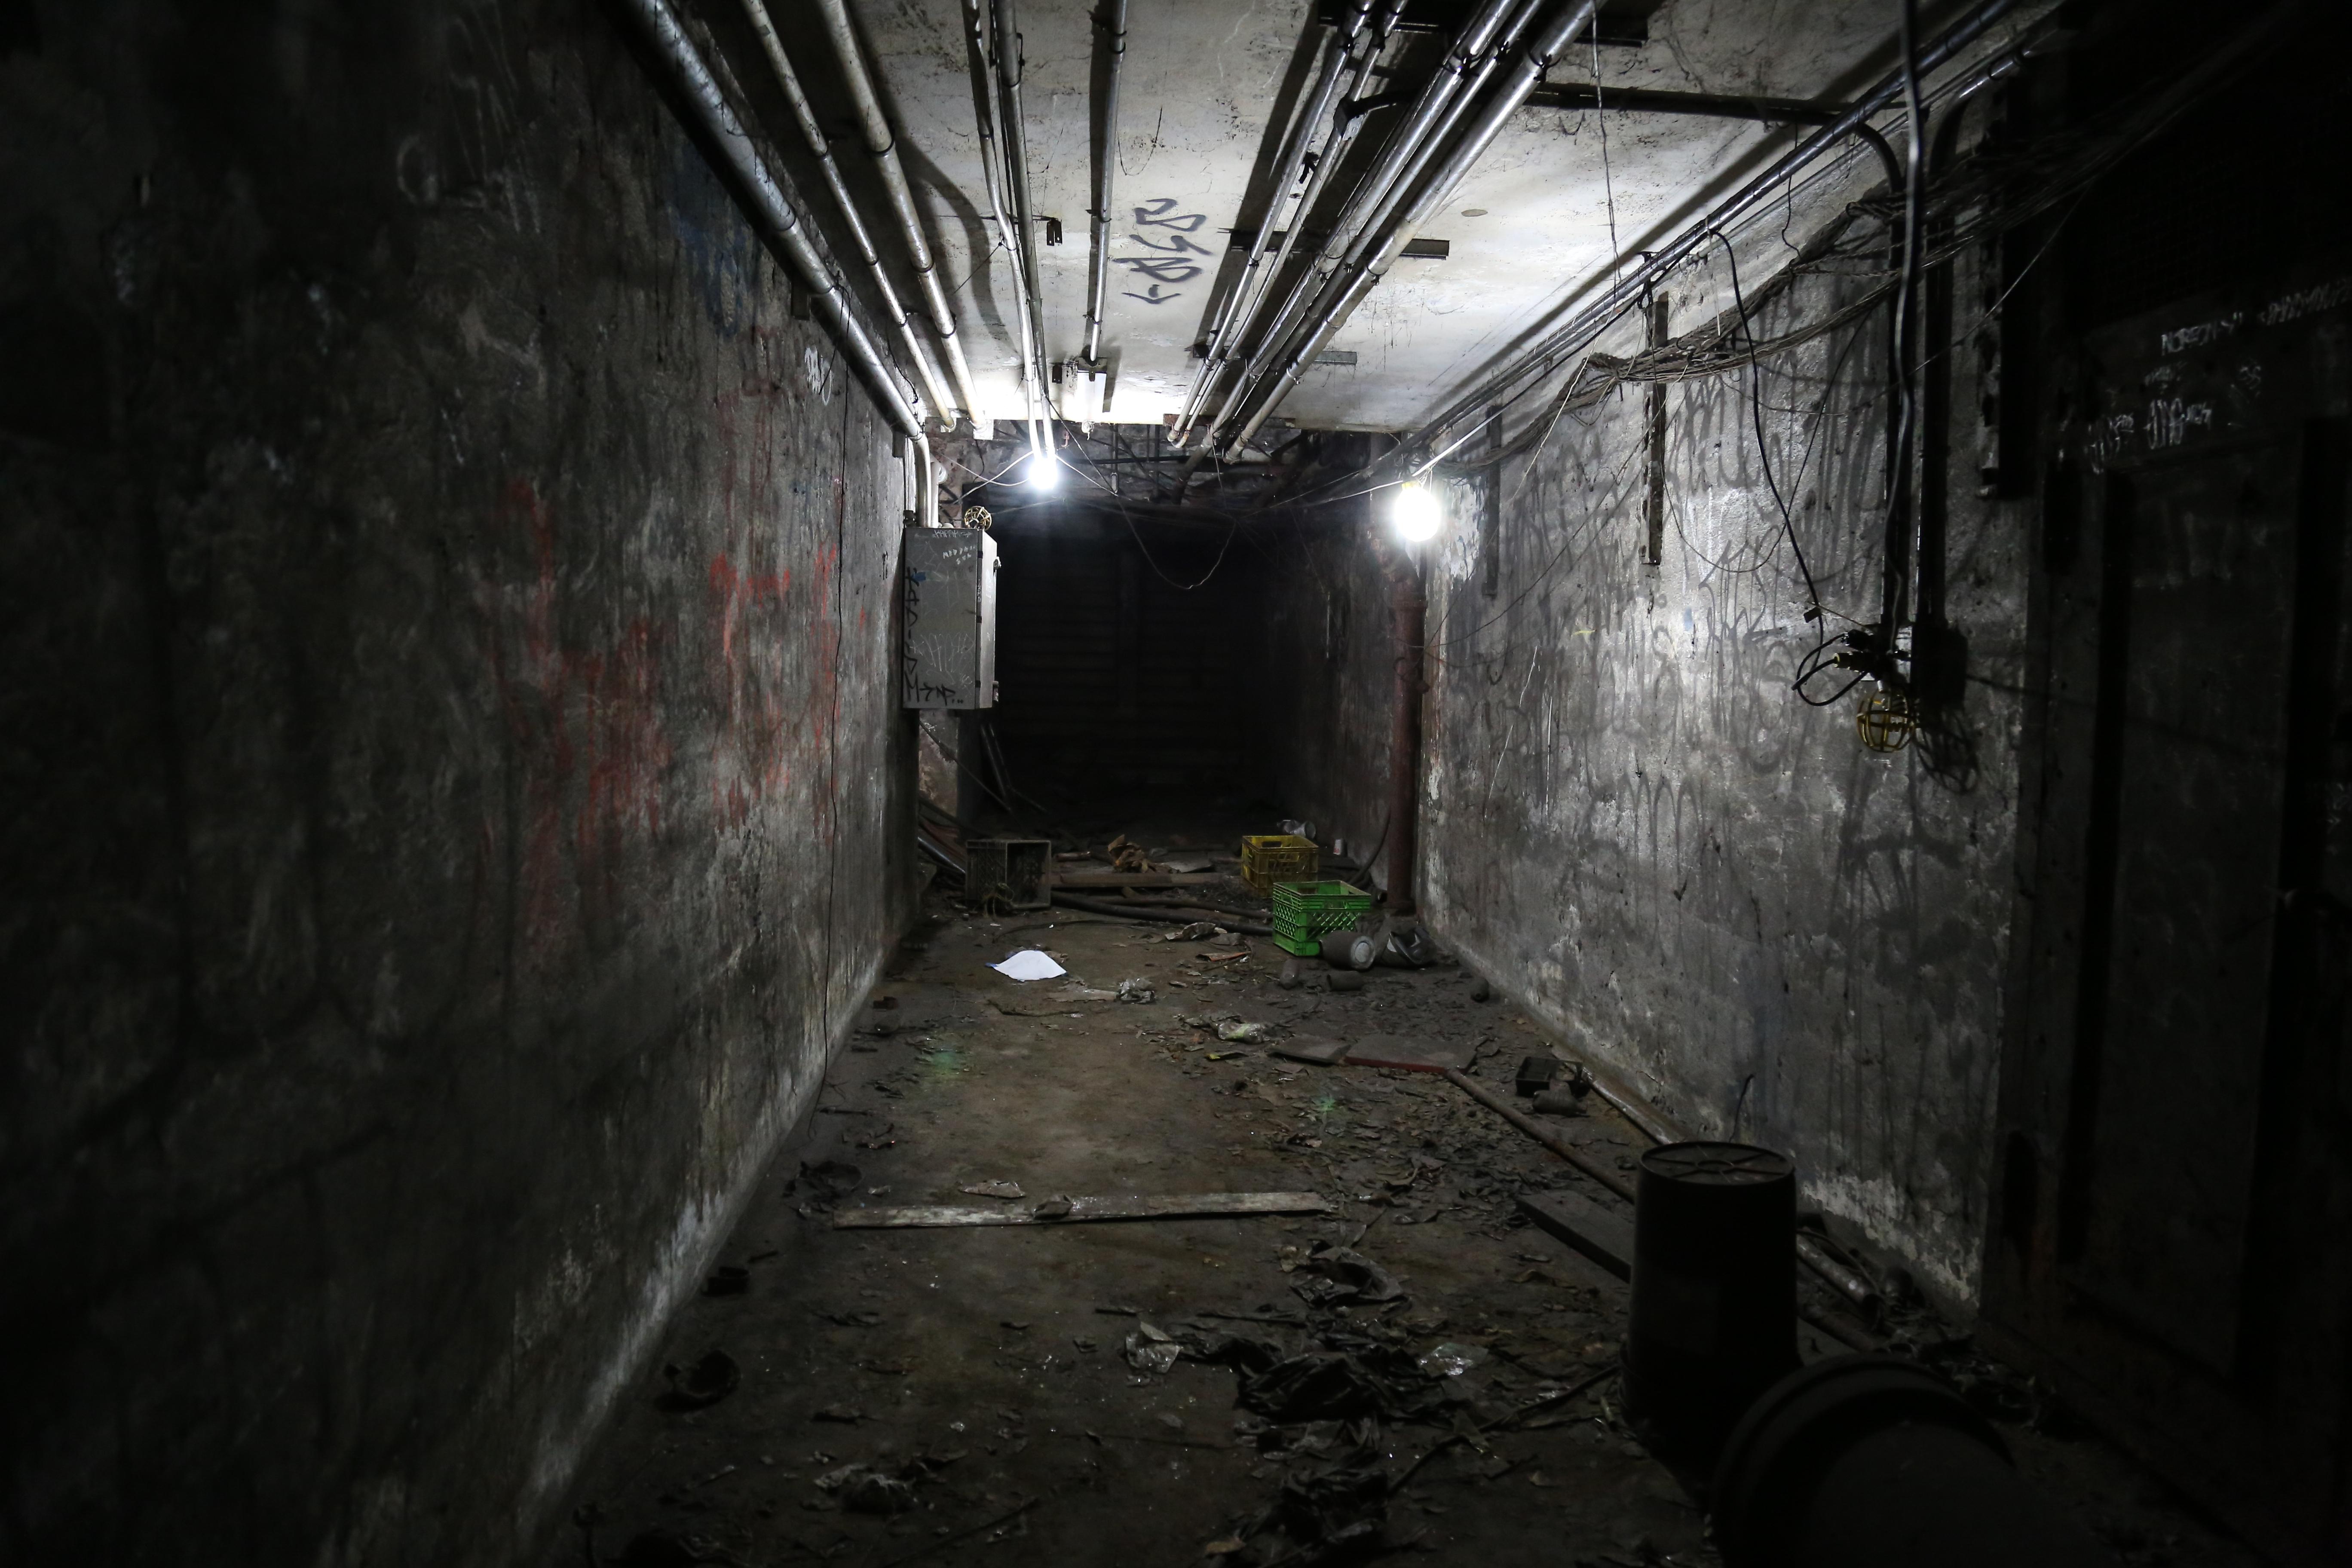 Under Philadelphia: Inside Philly's Abandoned Subway ...